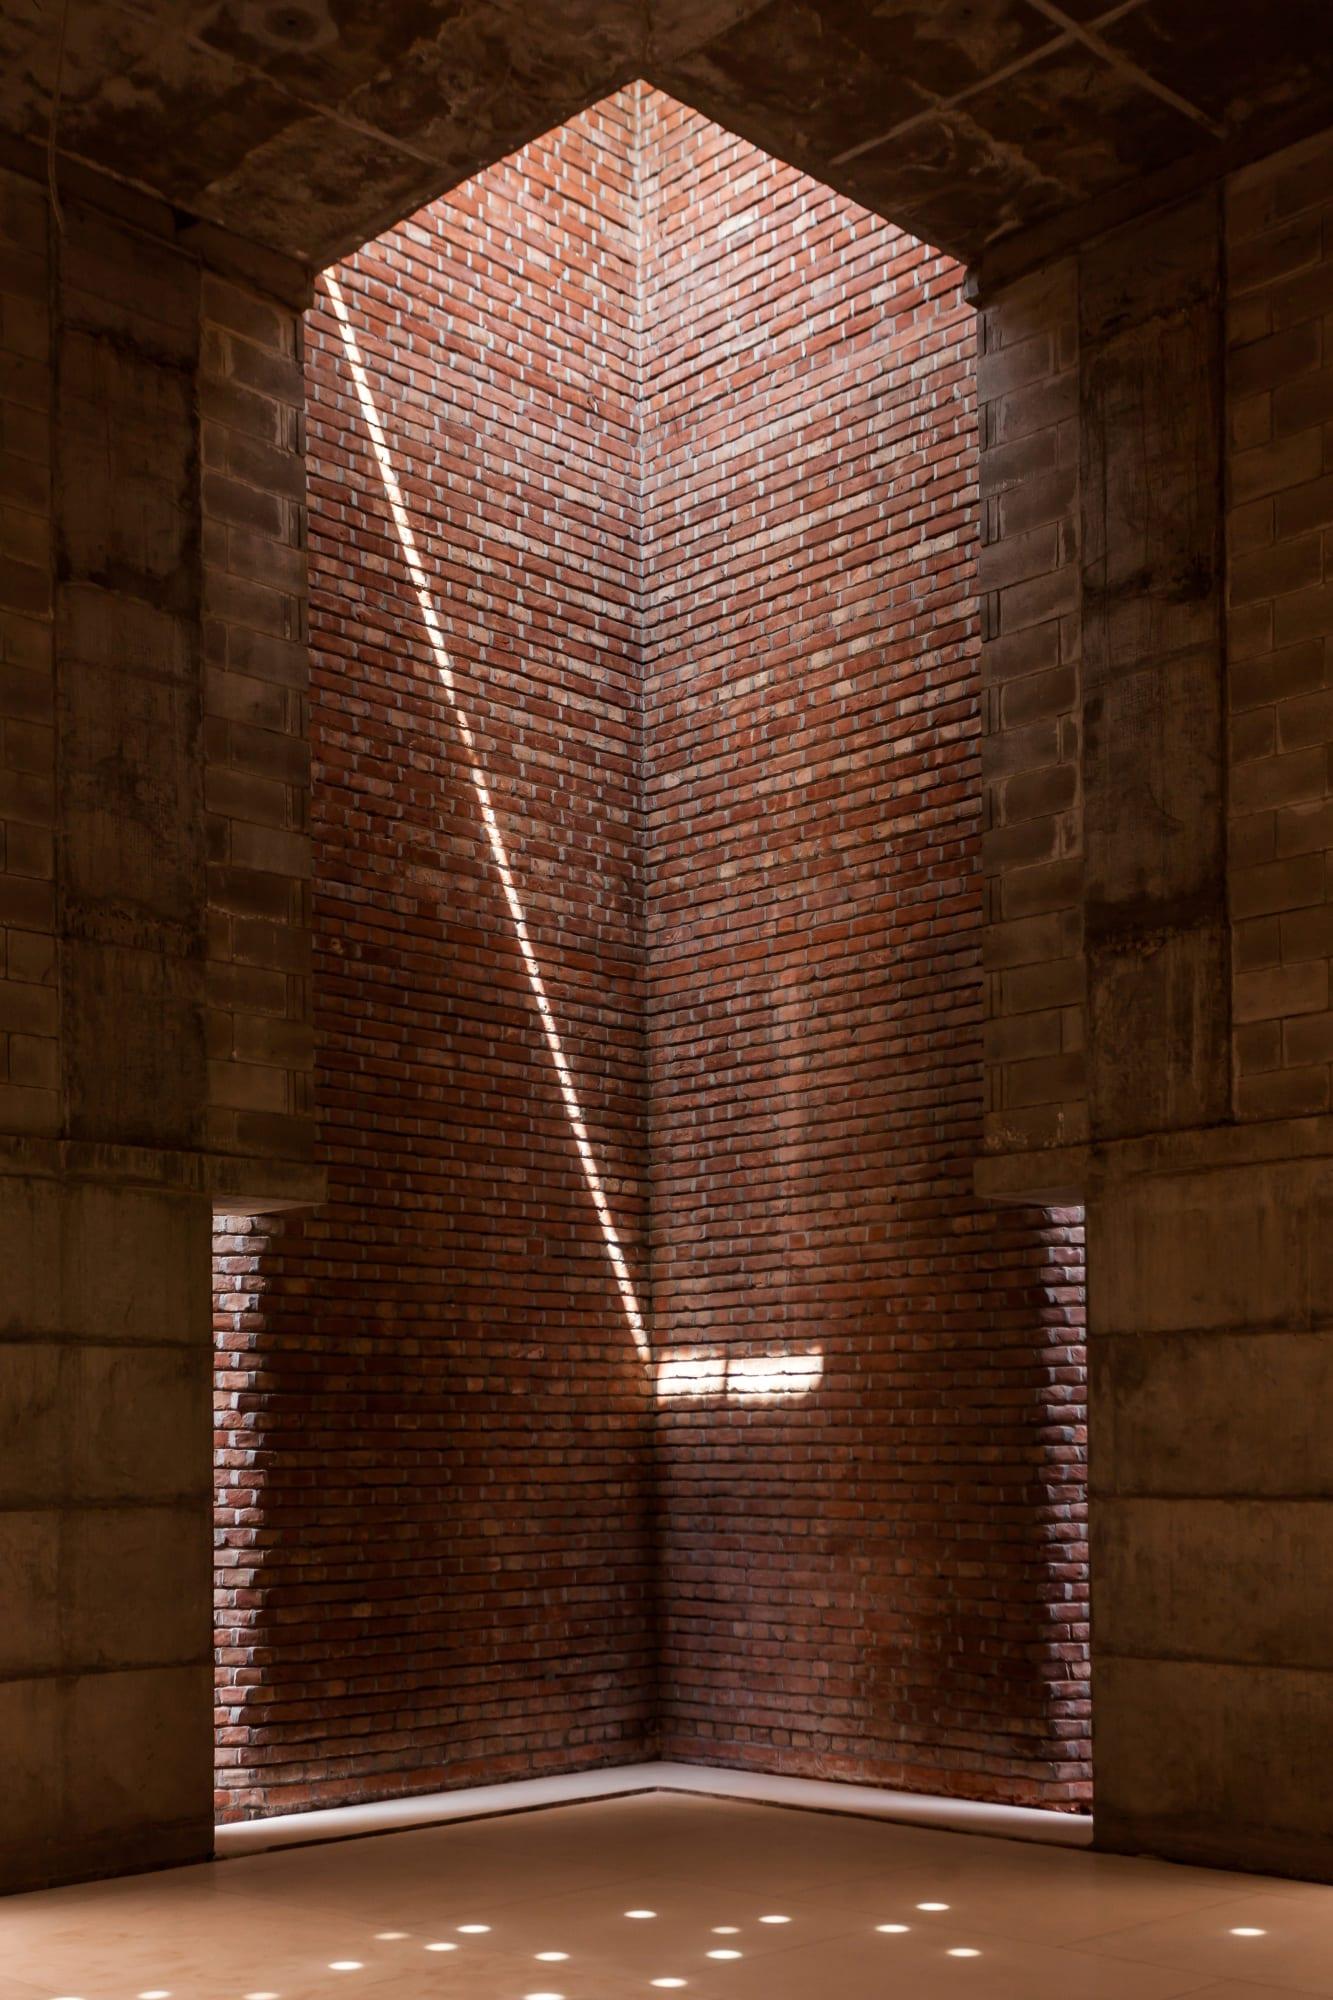 Detalhe de uma das entradas de luz da mesquita em Bangladesh projetada por Marina Tabassum.